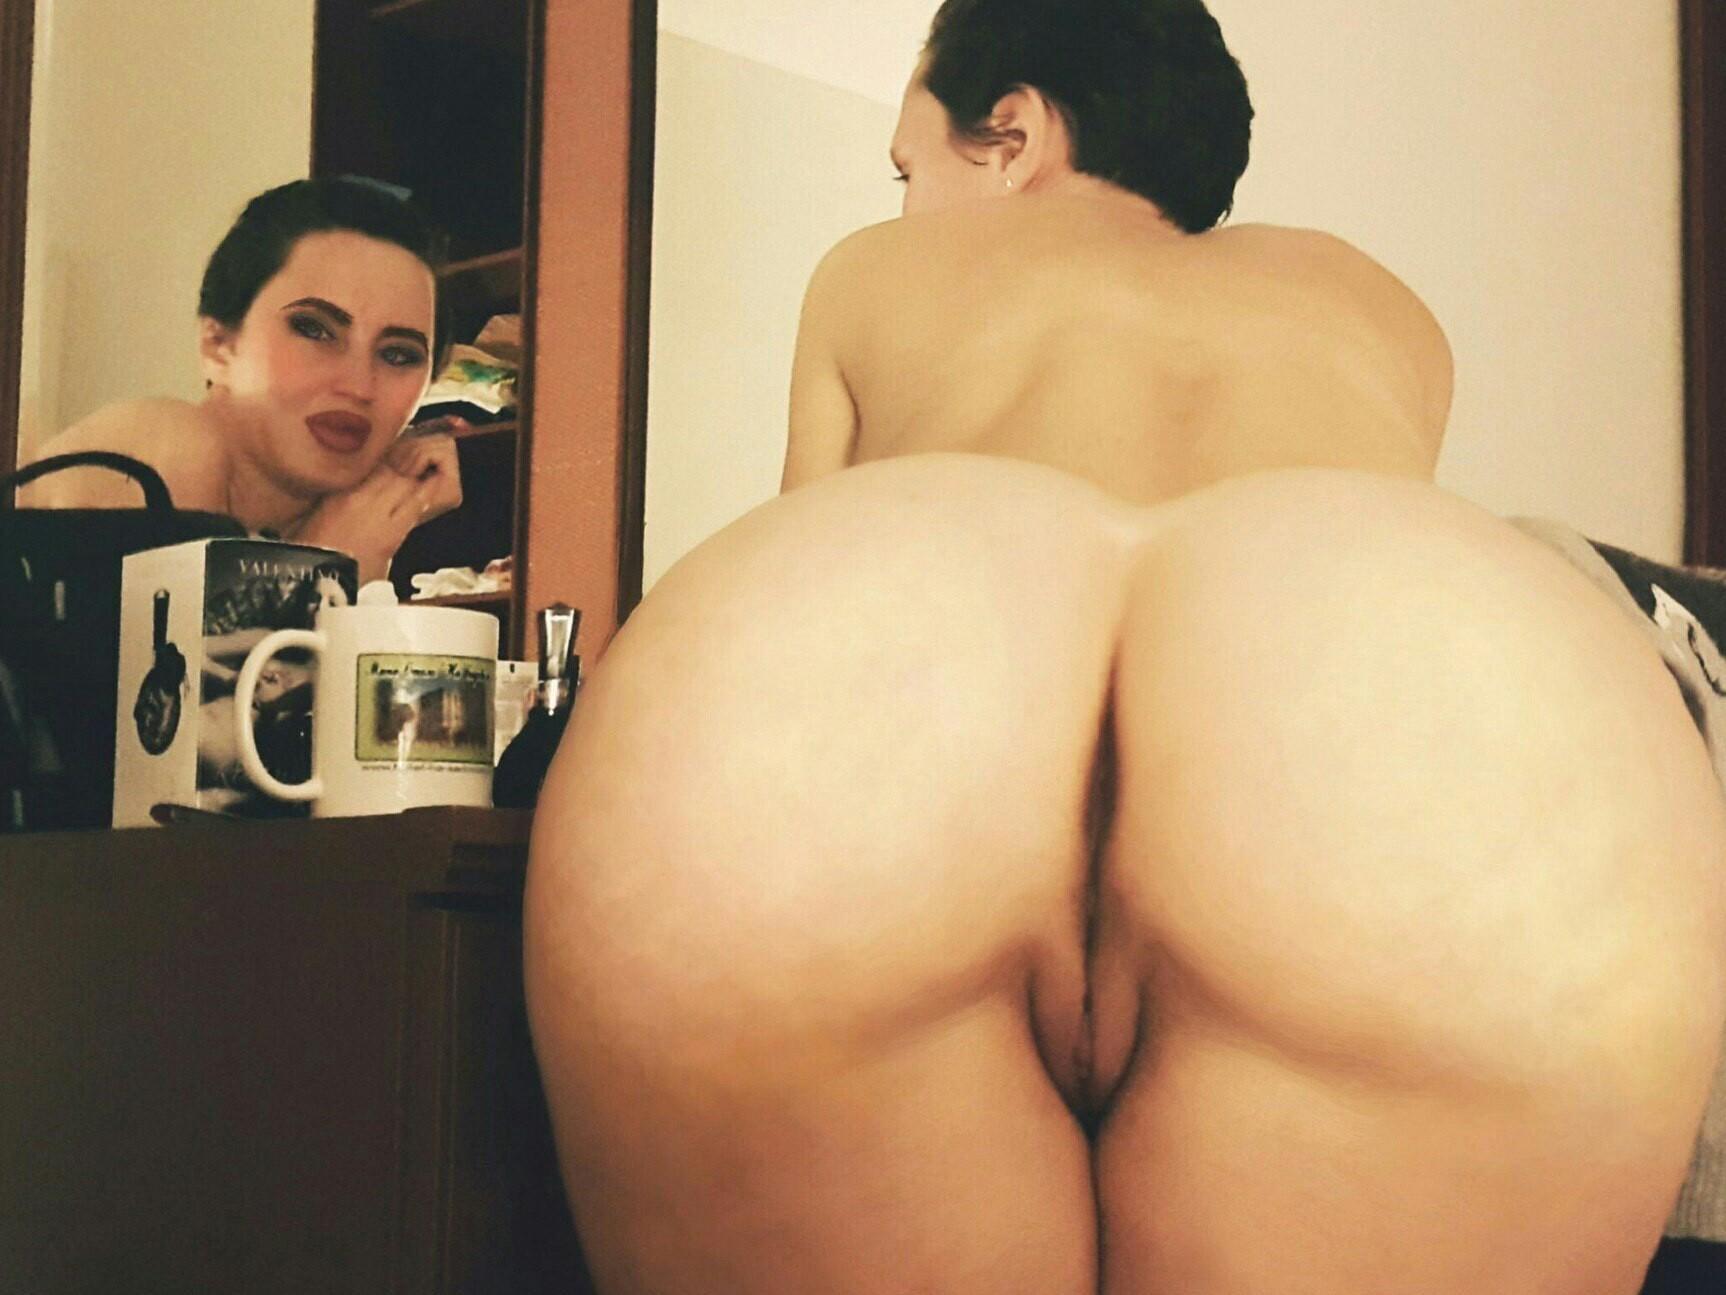 Тонкая талия широкие бедра фото голых девушек, Тонкая талия и широкие бедра ( 65 фото) 21 фотография